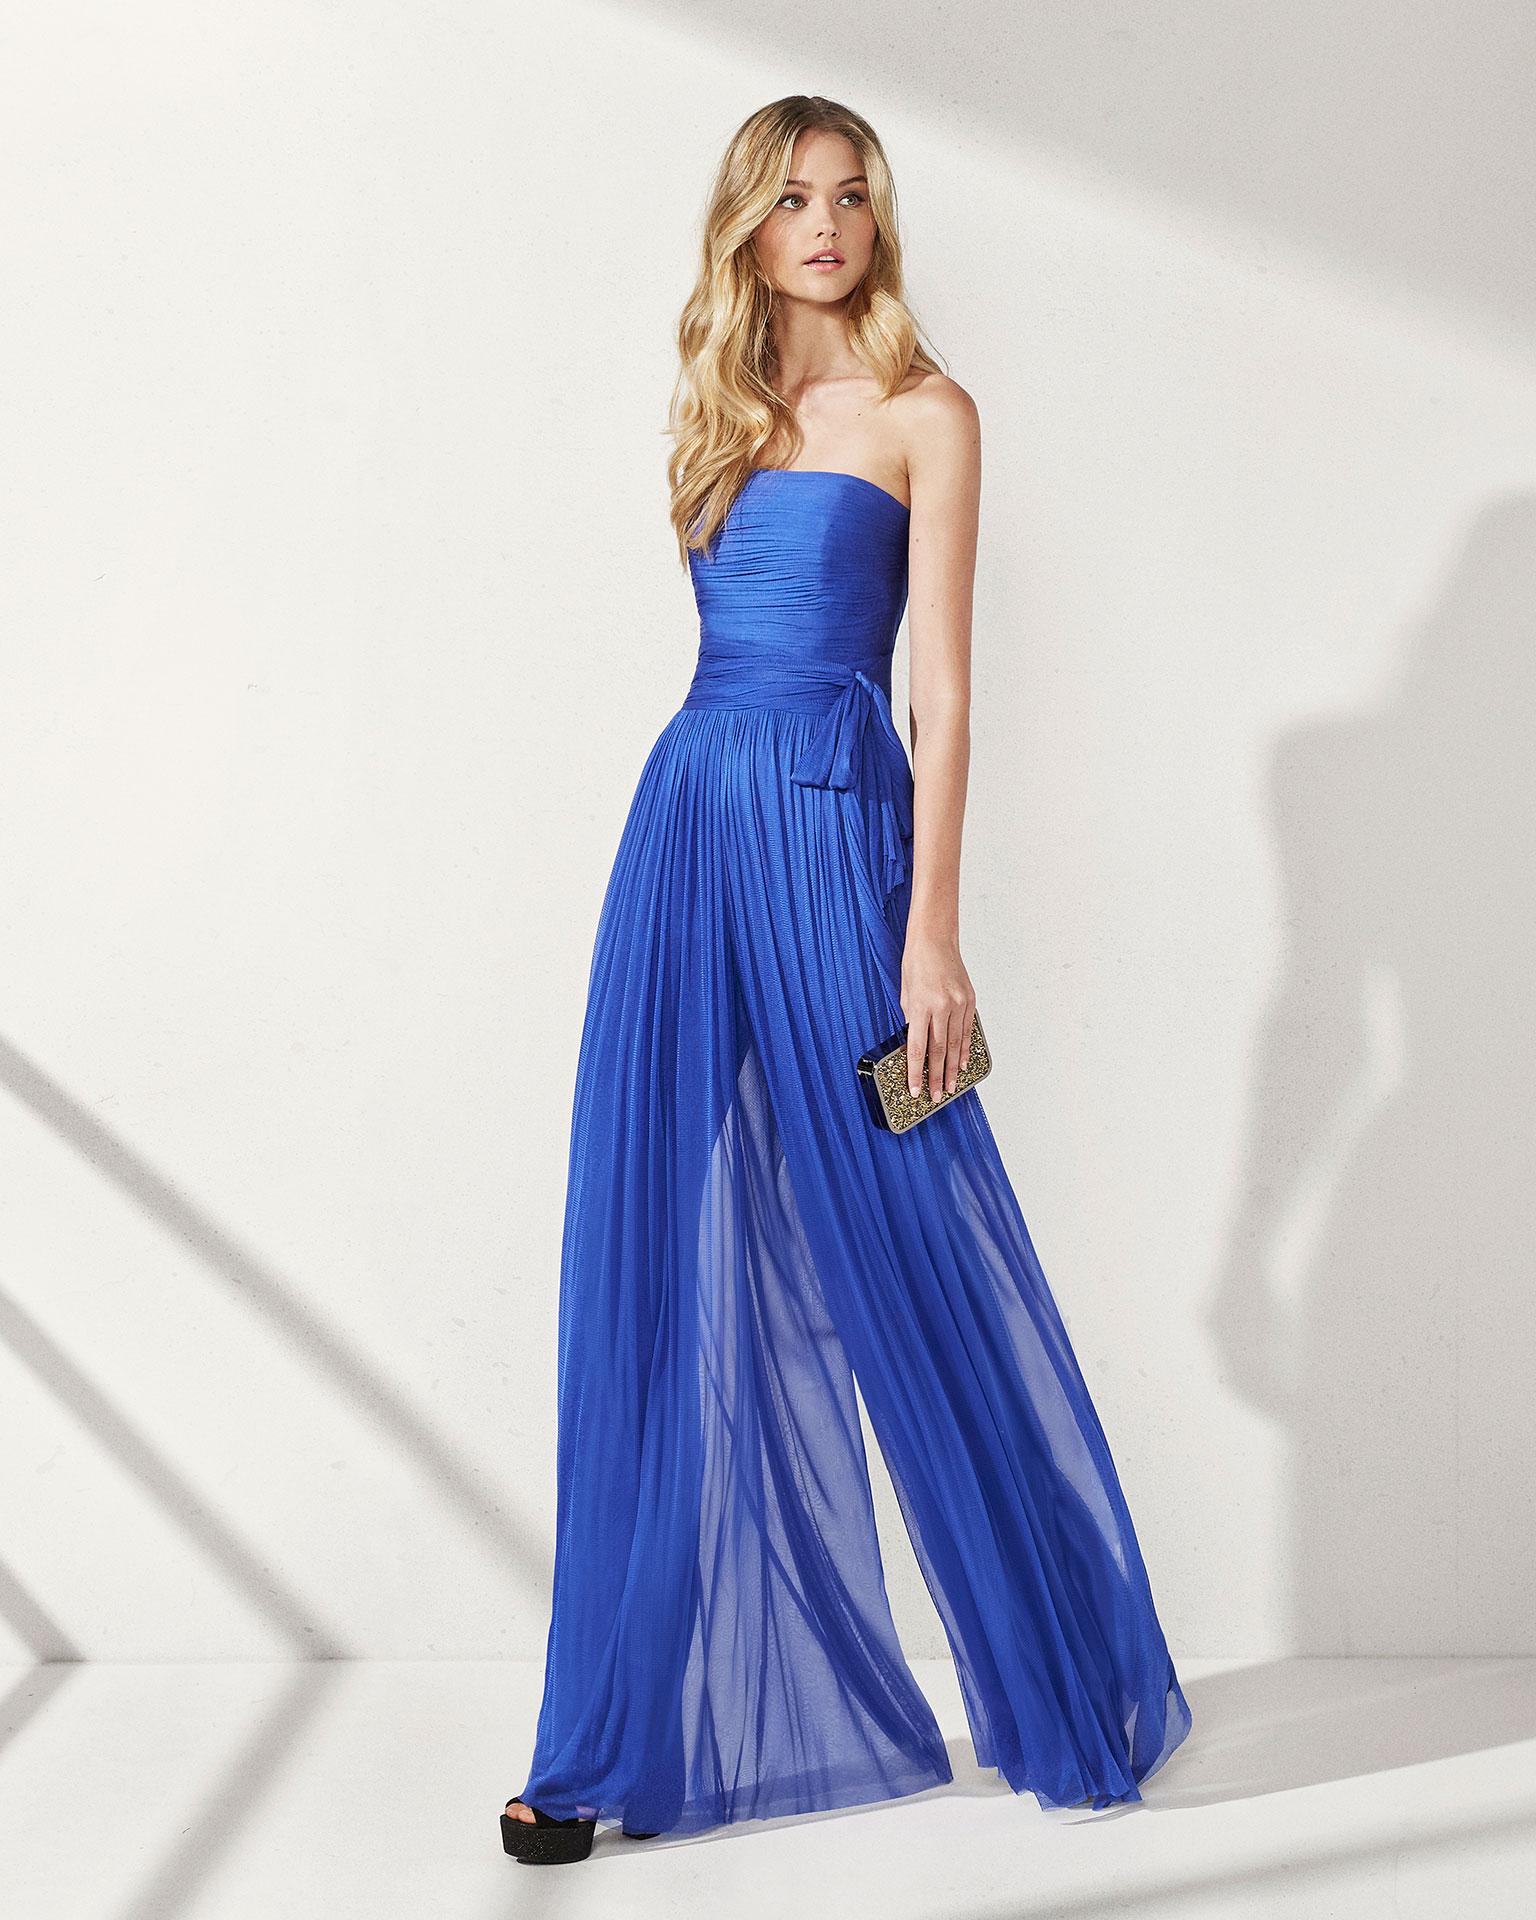 Come vestirsi per un matrimonio in inverno  idee per le invitate ... 6e249a66bf5